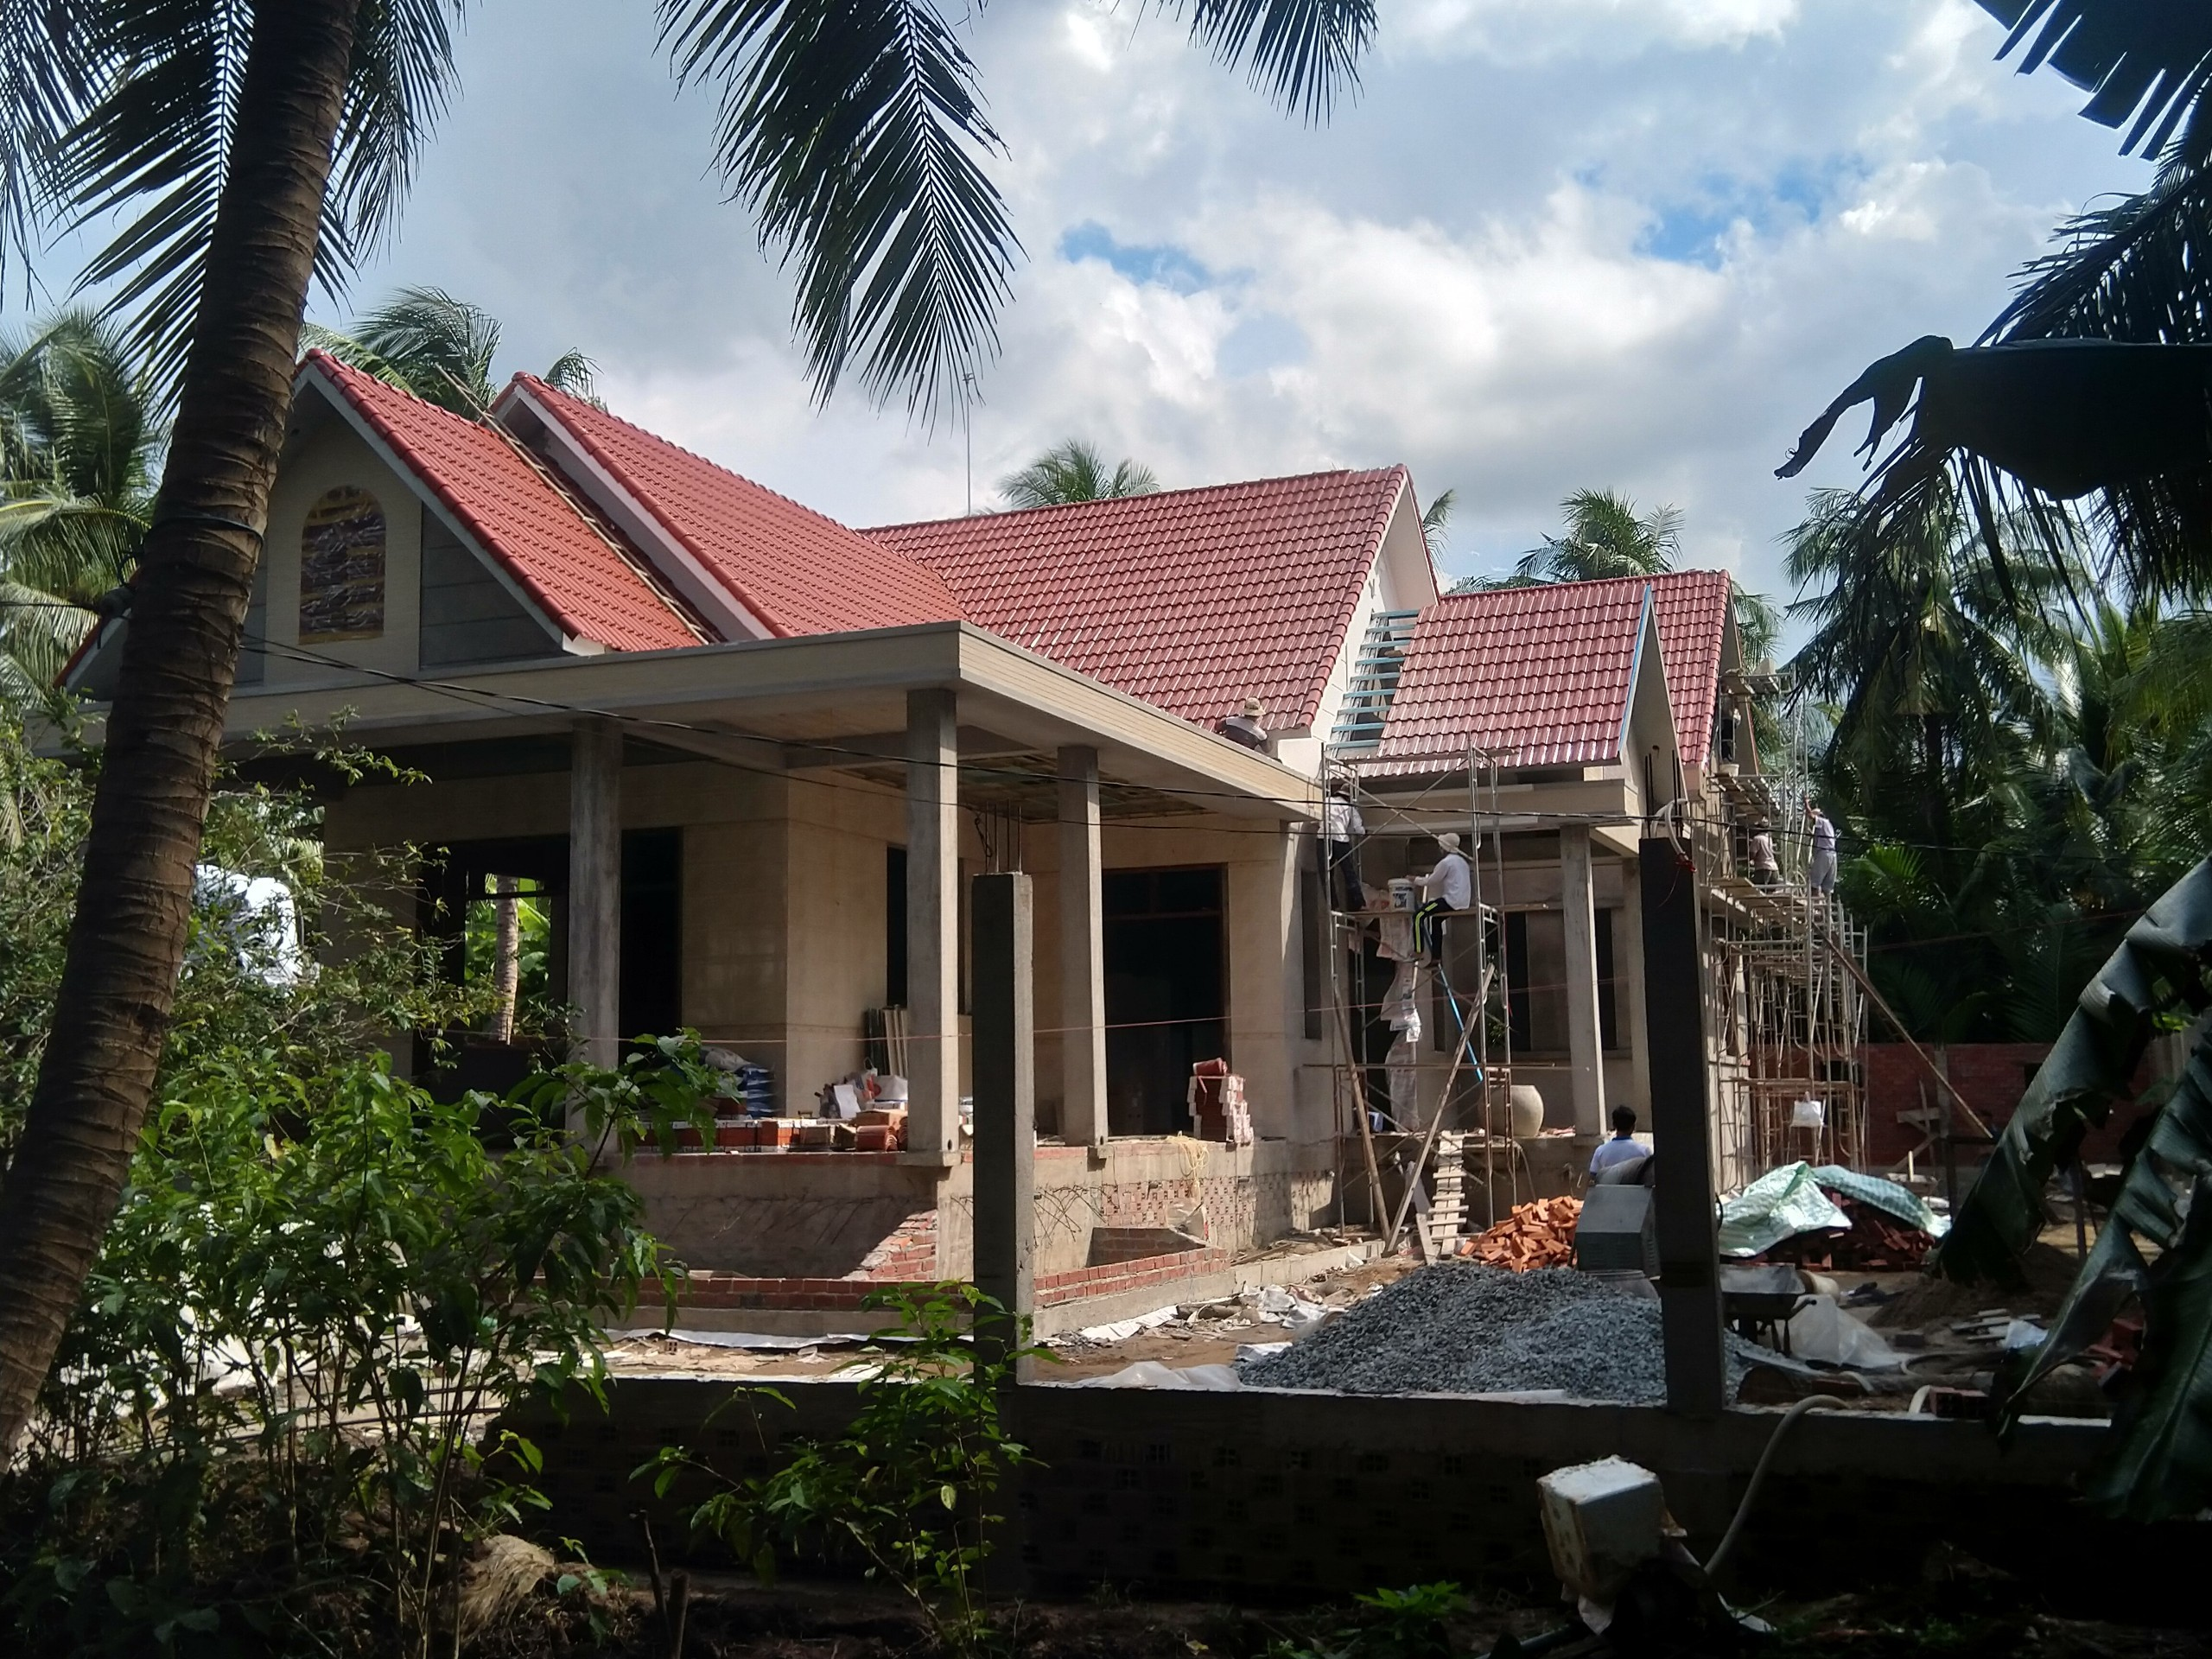 Thiết kế và thi công nhà tại Hưng Yên